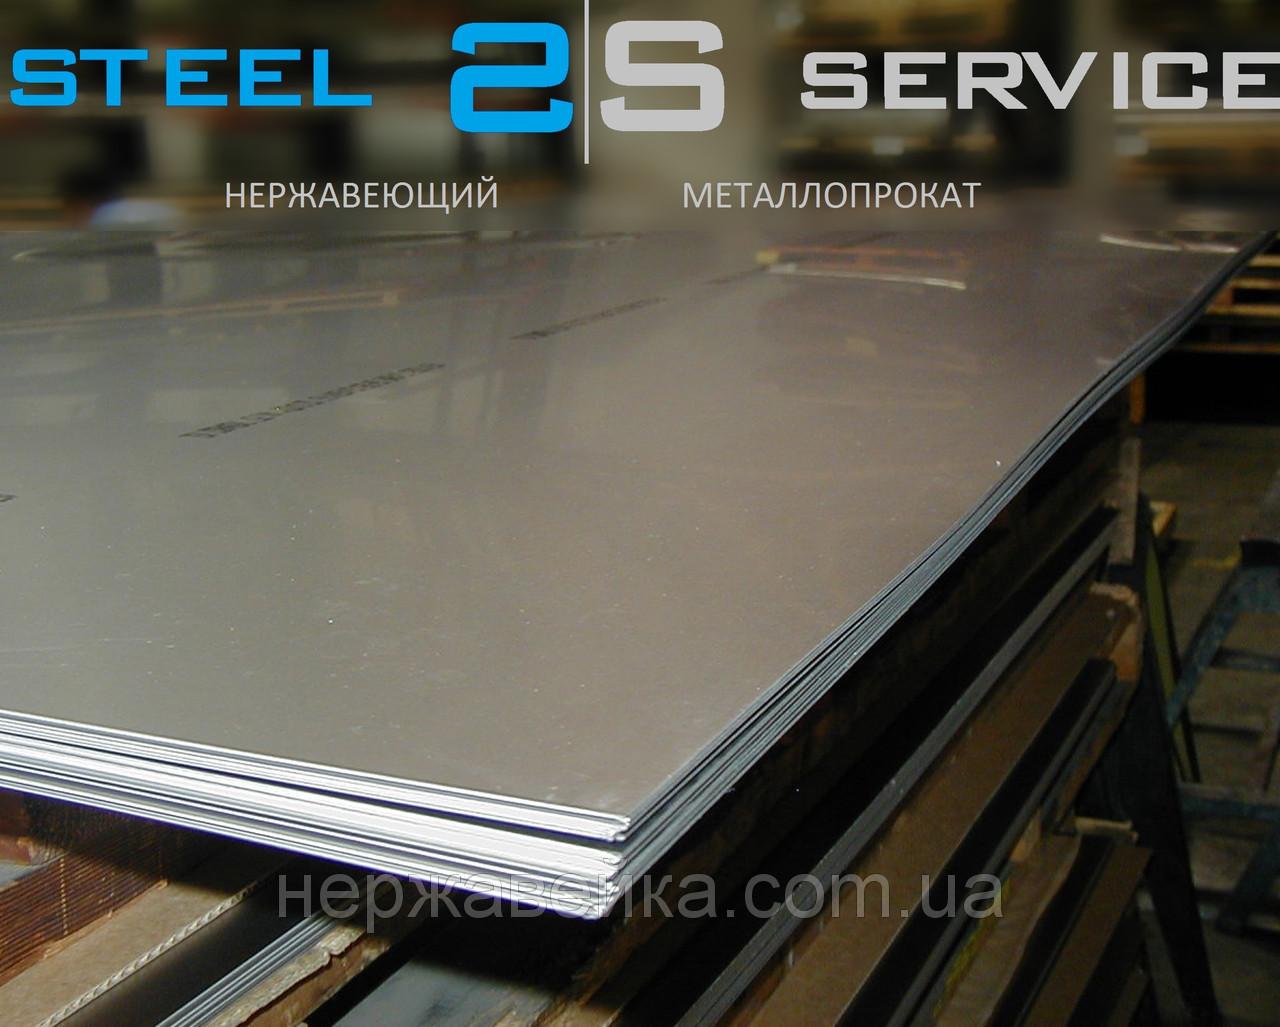 Нержавейка лист 14х1500х3000мм  AISI 304(08Х18Н10) F1 - горячекатанный,  пищевой